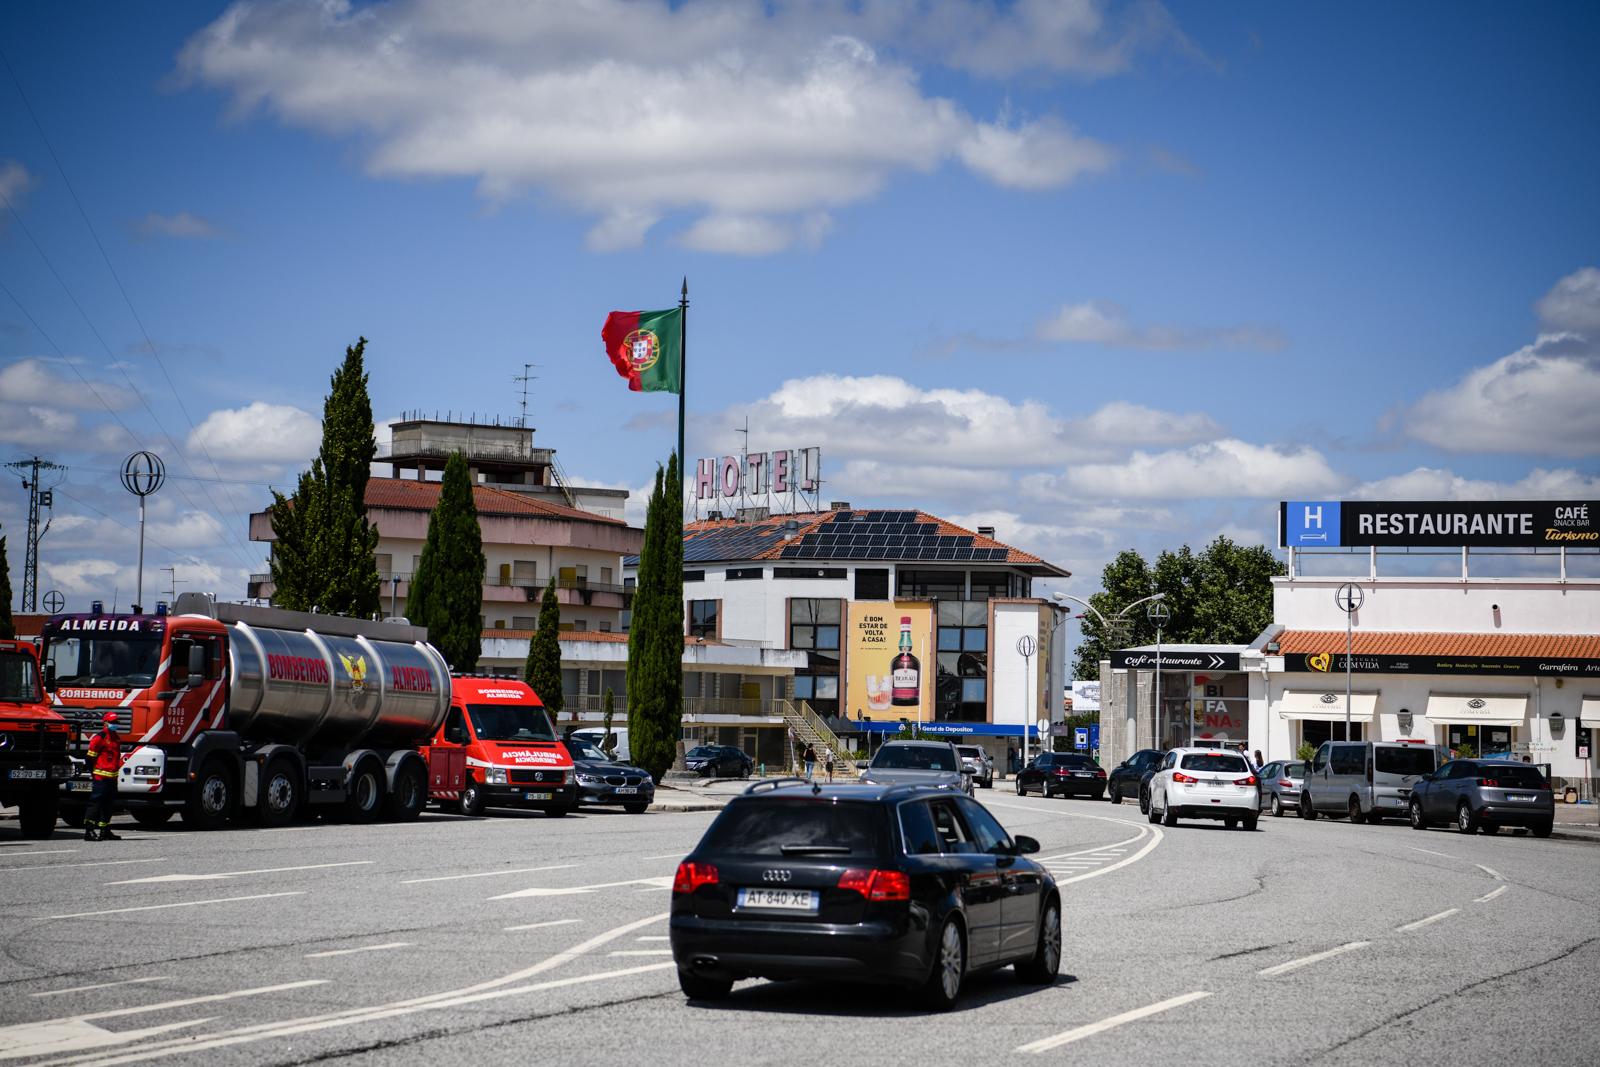 Entrada e emigrantes na fronteira de Vilar Formoso